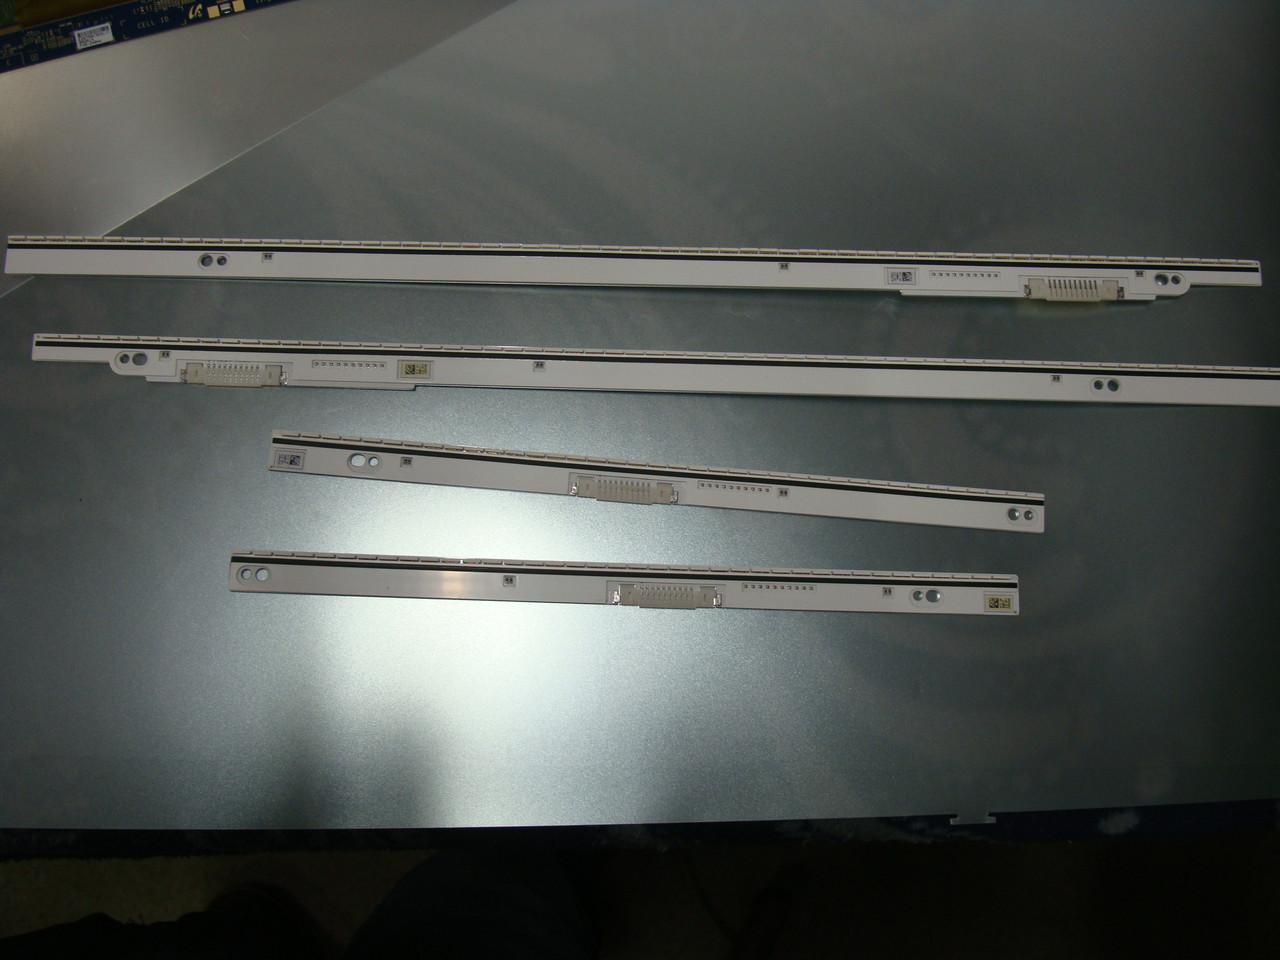 Планки LED підсвічування BN96-28866A, BN96-28865A, BN96-28867A, BN96-28868A від телевізора Samsung UE65F8000SL (CY-